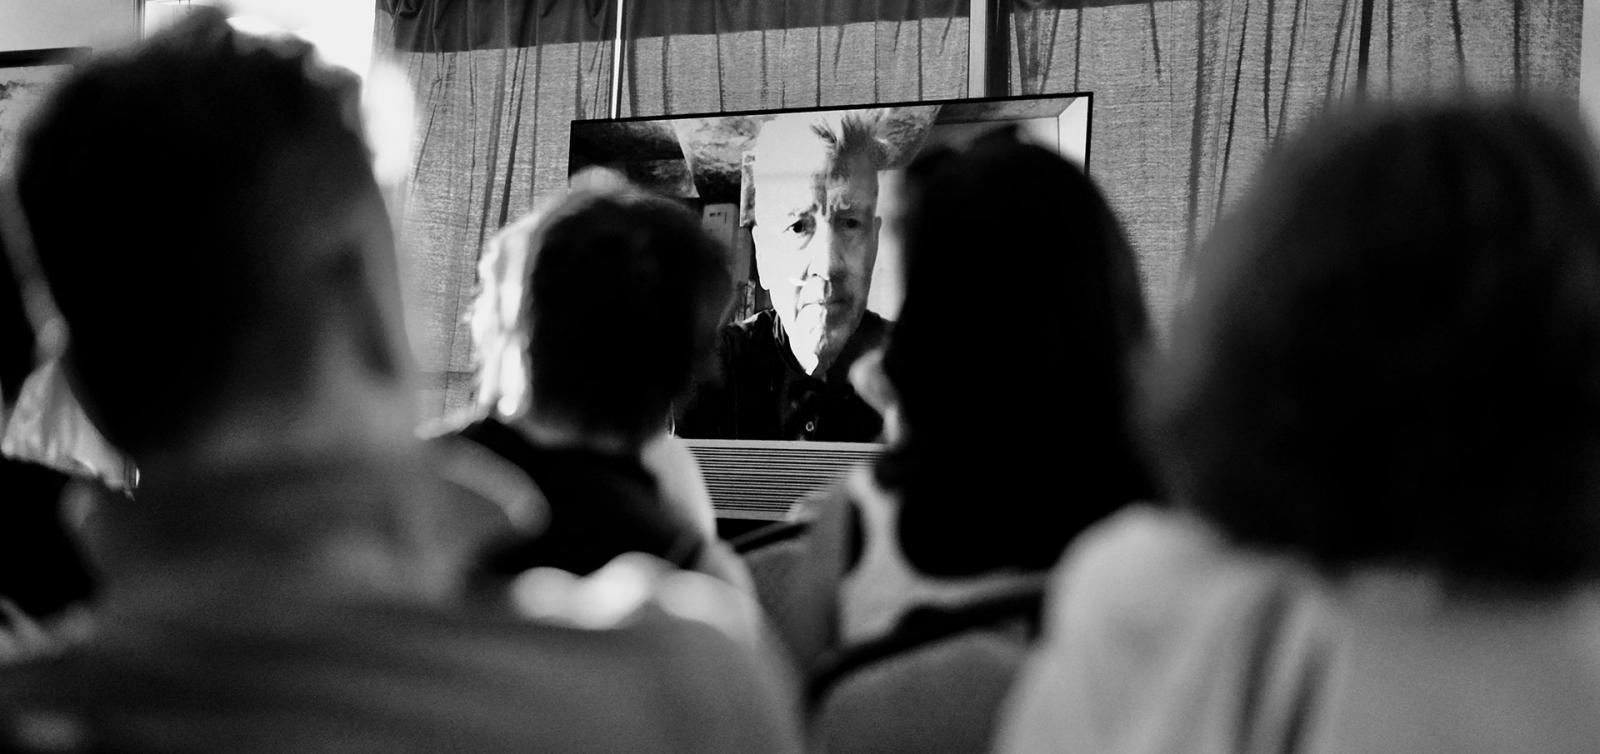 Дэвид Линч: выставка в Москве